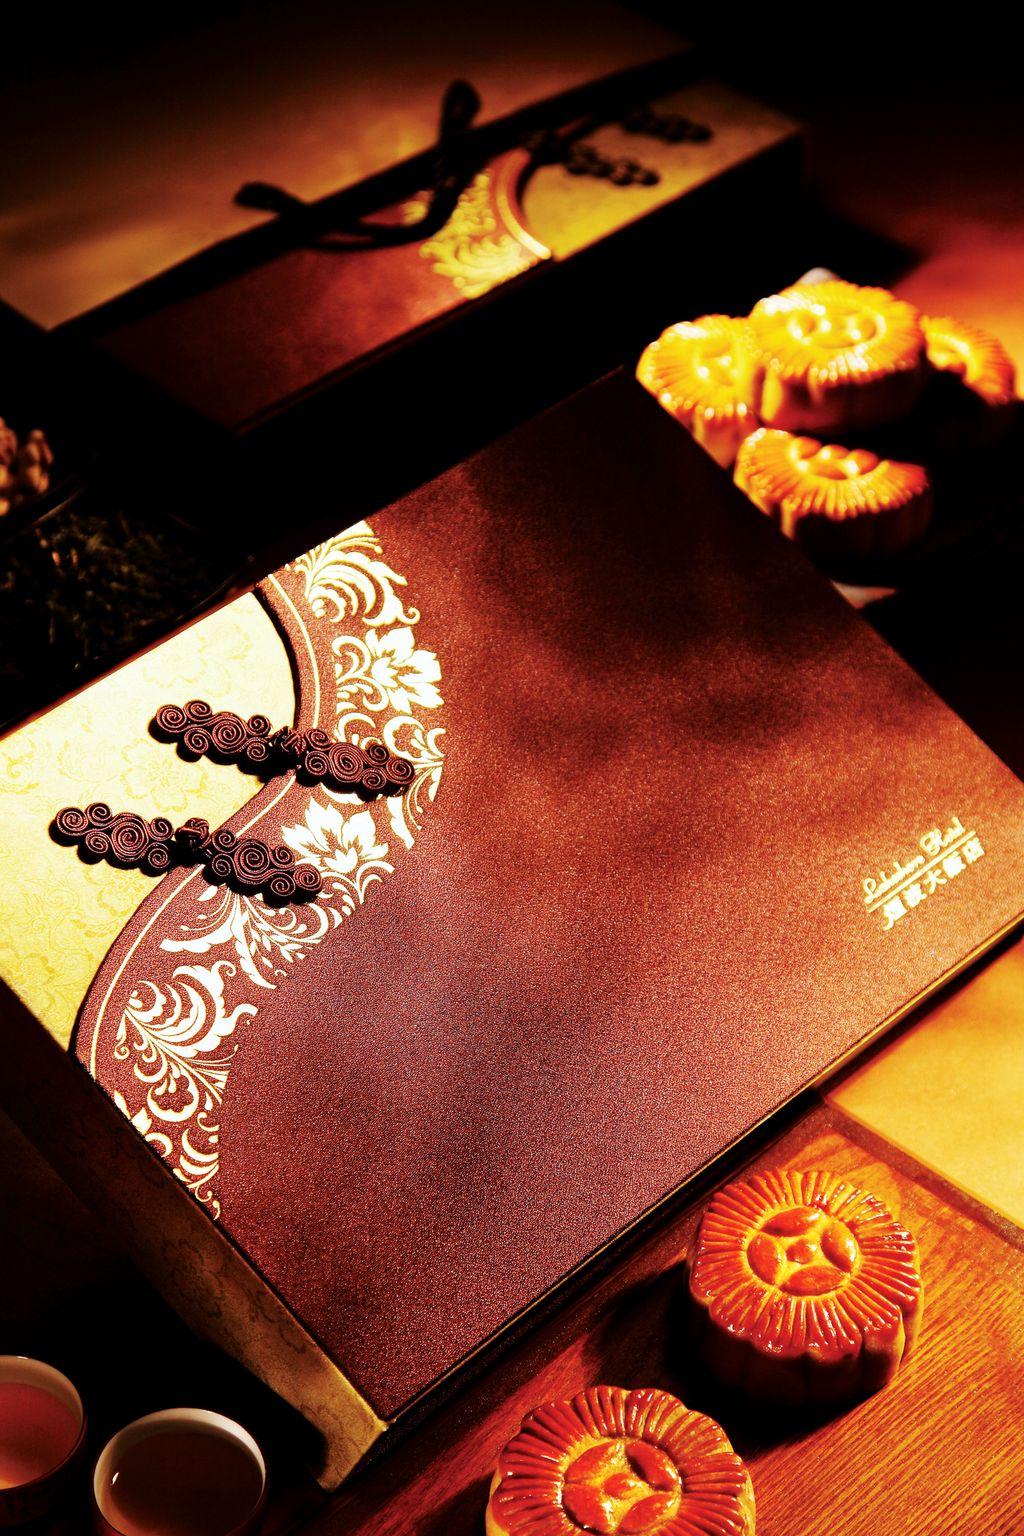 新竹煙波大飯店25日起推出「煙波茗月禮盒」,禮盒採中國旗袍設計概念,深咖啡盒身搭配金色緞布,綴以燙金圖紋及繡釦,低調奢華,氣質高雅。